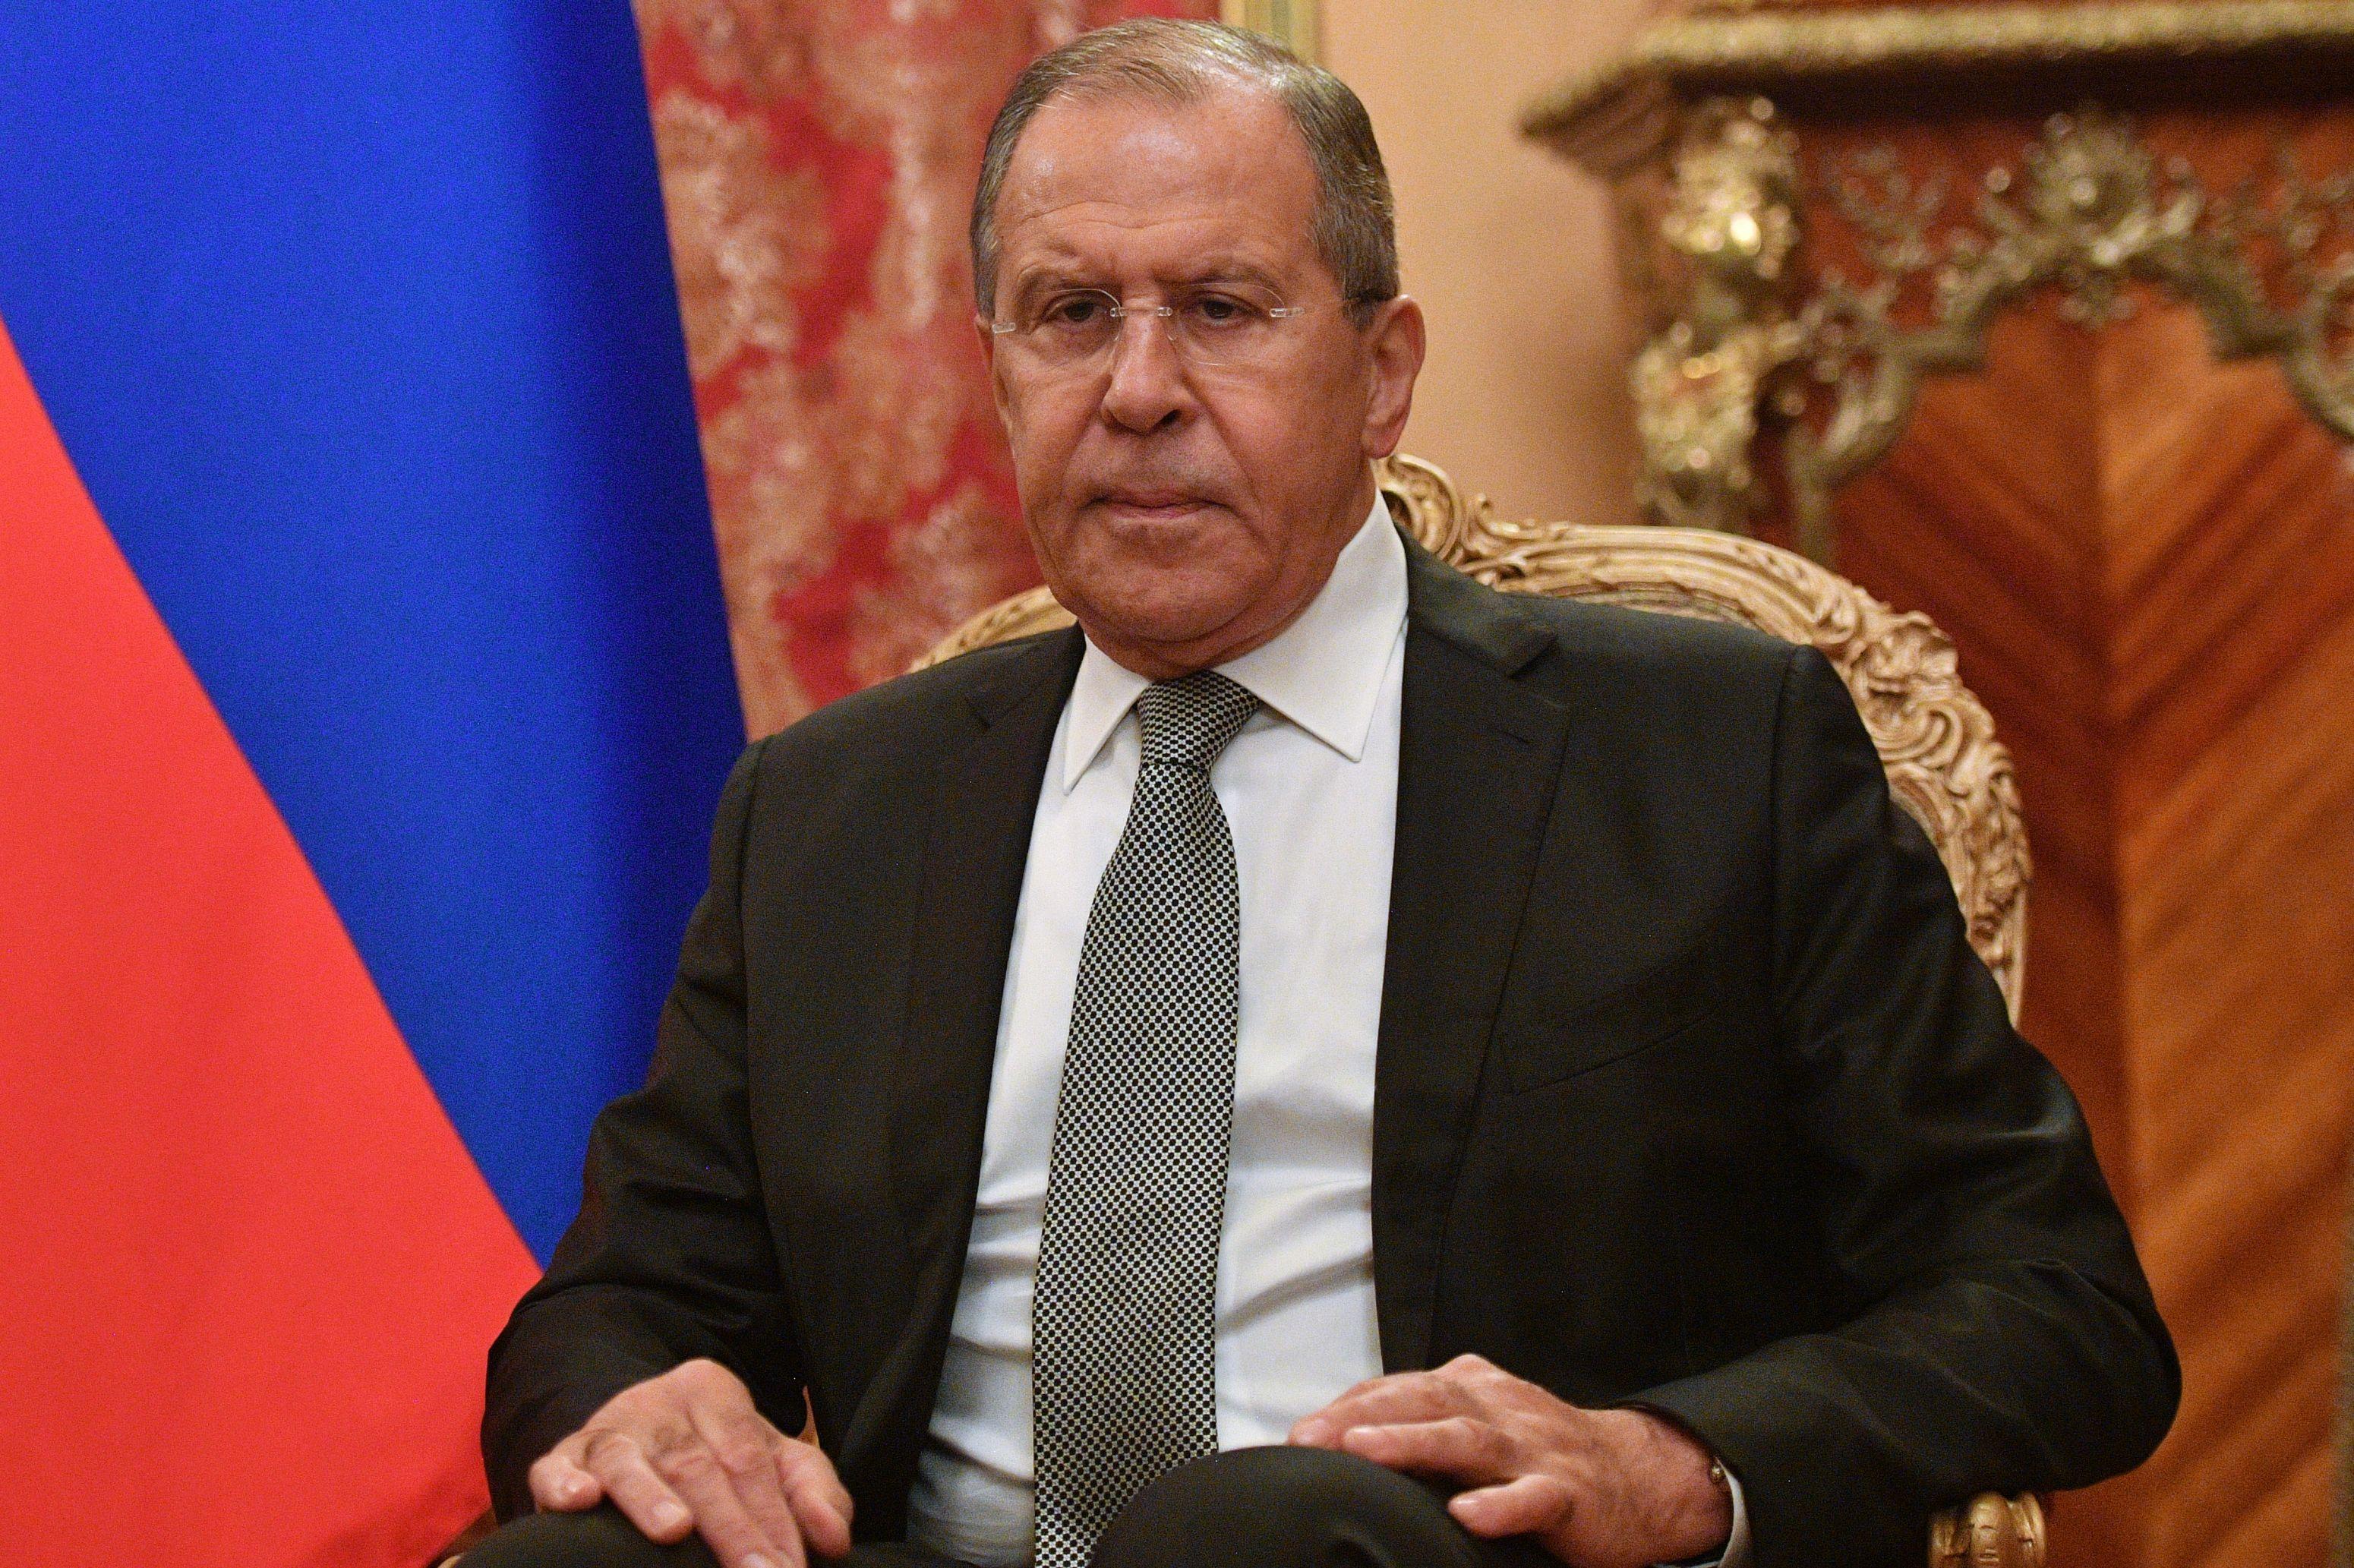 Rusia şi Iranul reafirmă angajamentul faţă de acordul nuclear din 2015